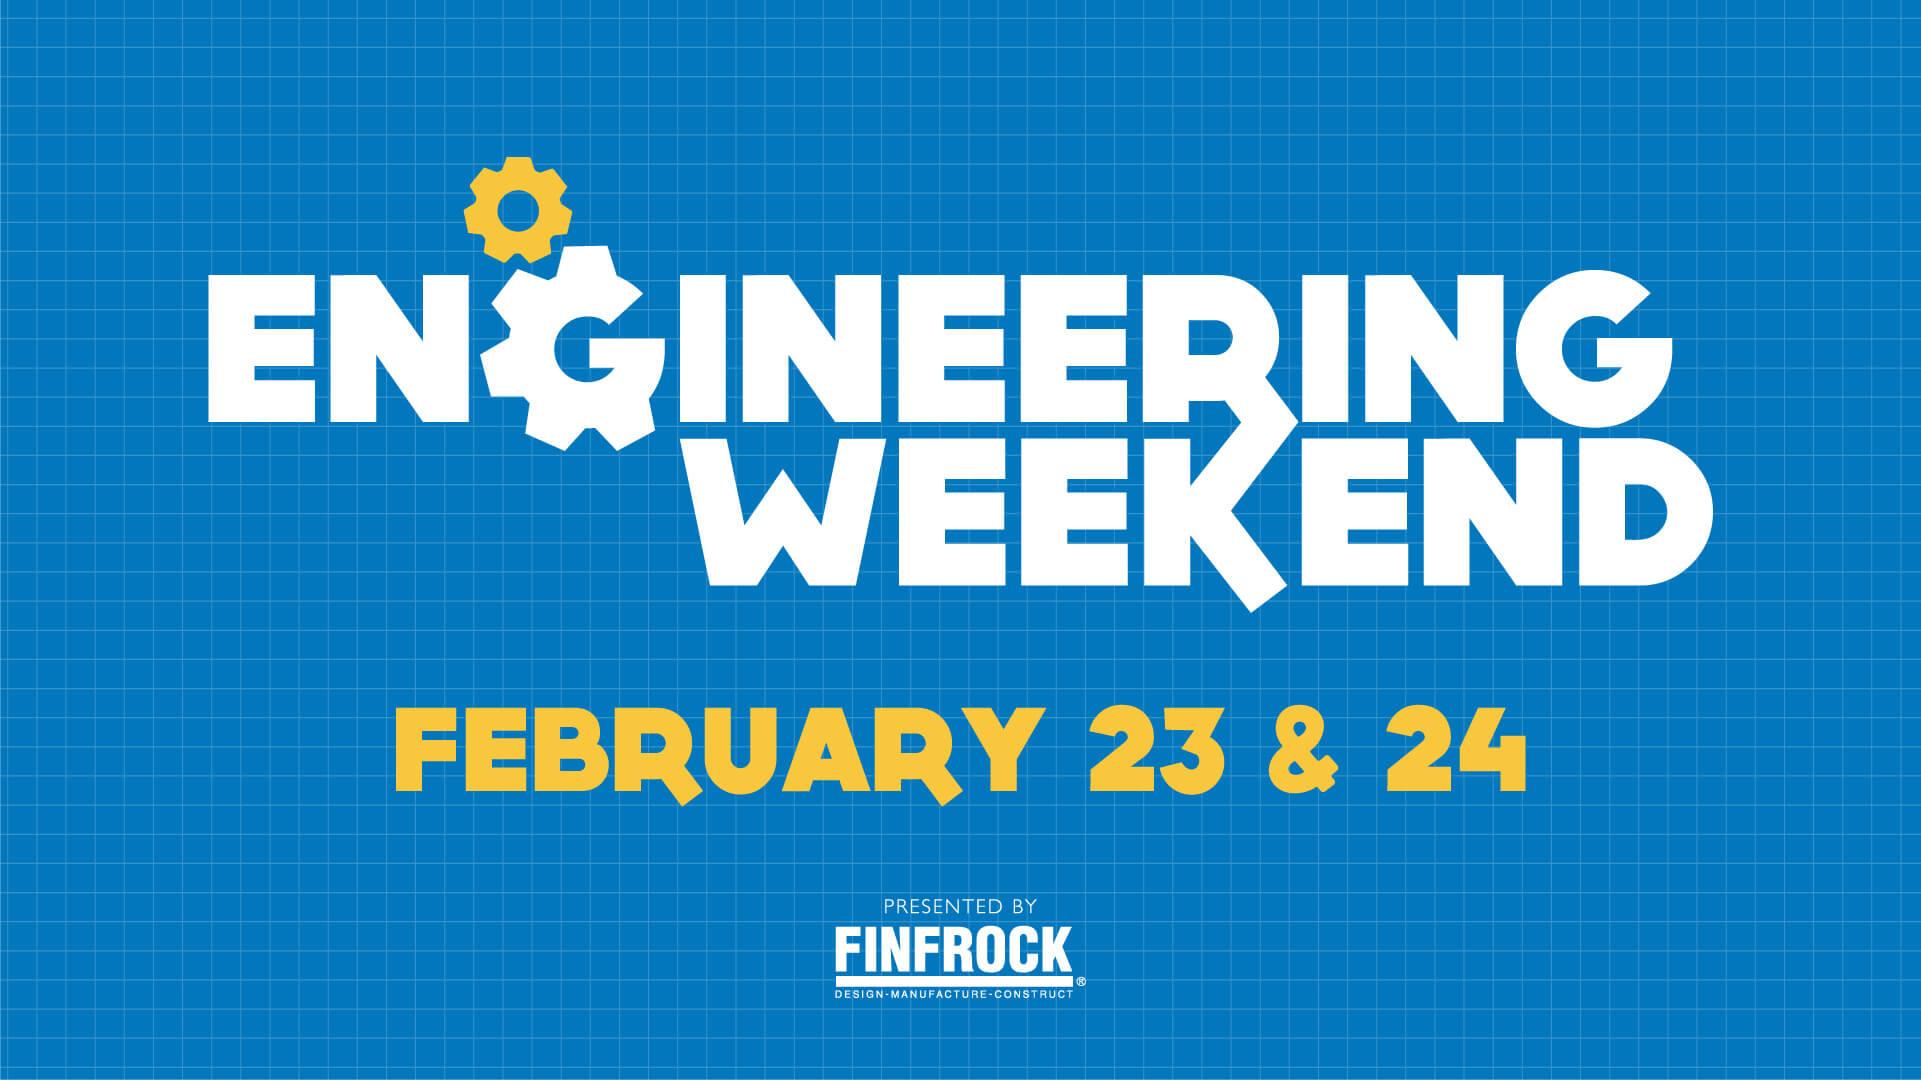 Engineering Weekend Flyer